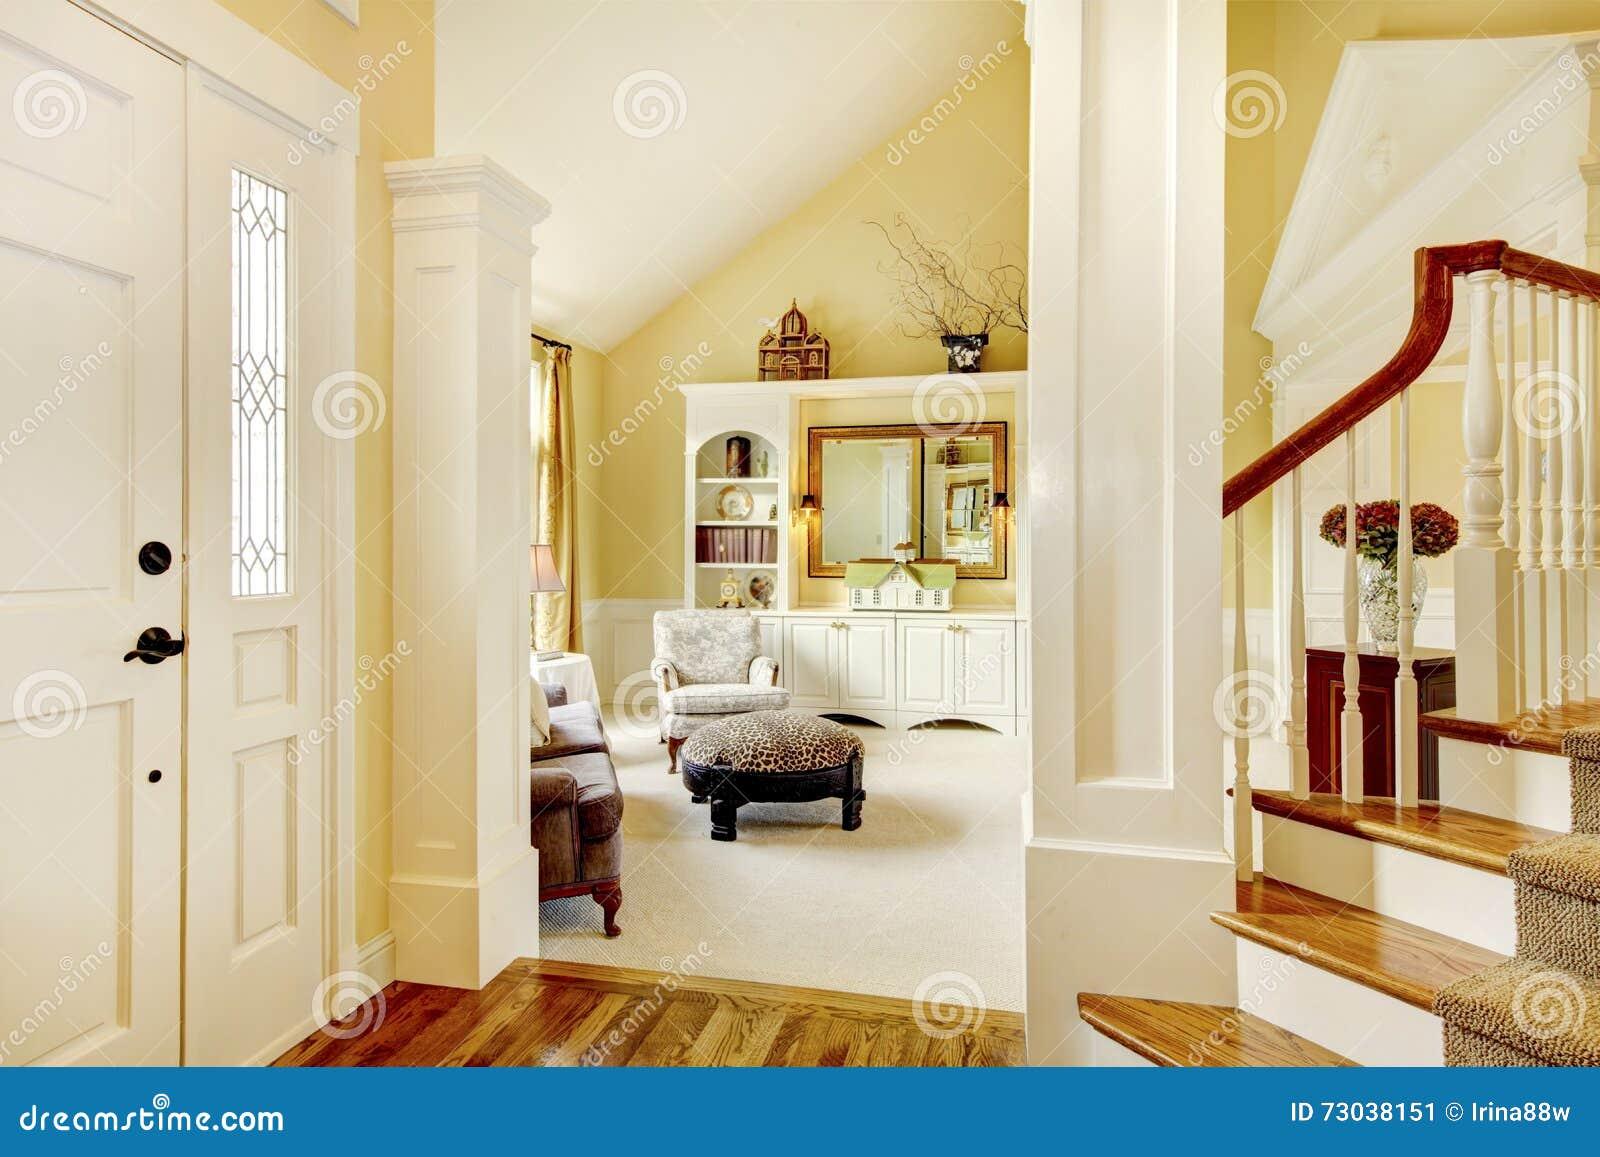 Tapijt Voor Gang : Gouden en witte gouden gang met beige tapijt kolommen en s stock